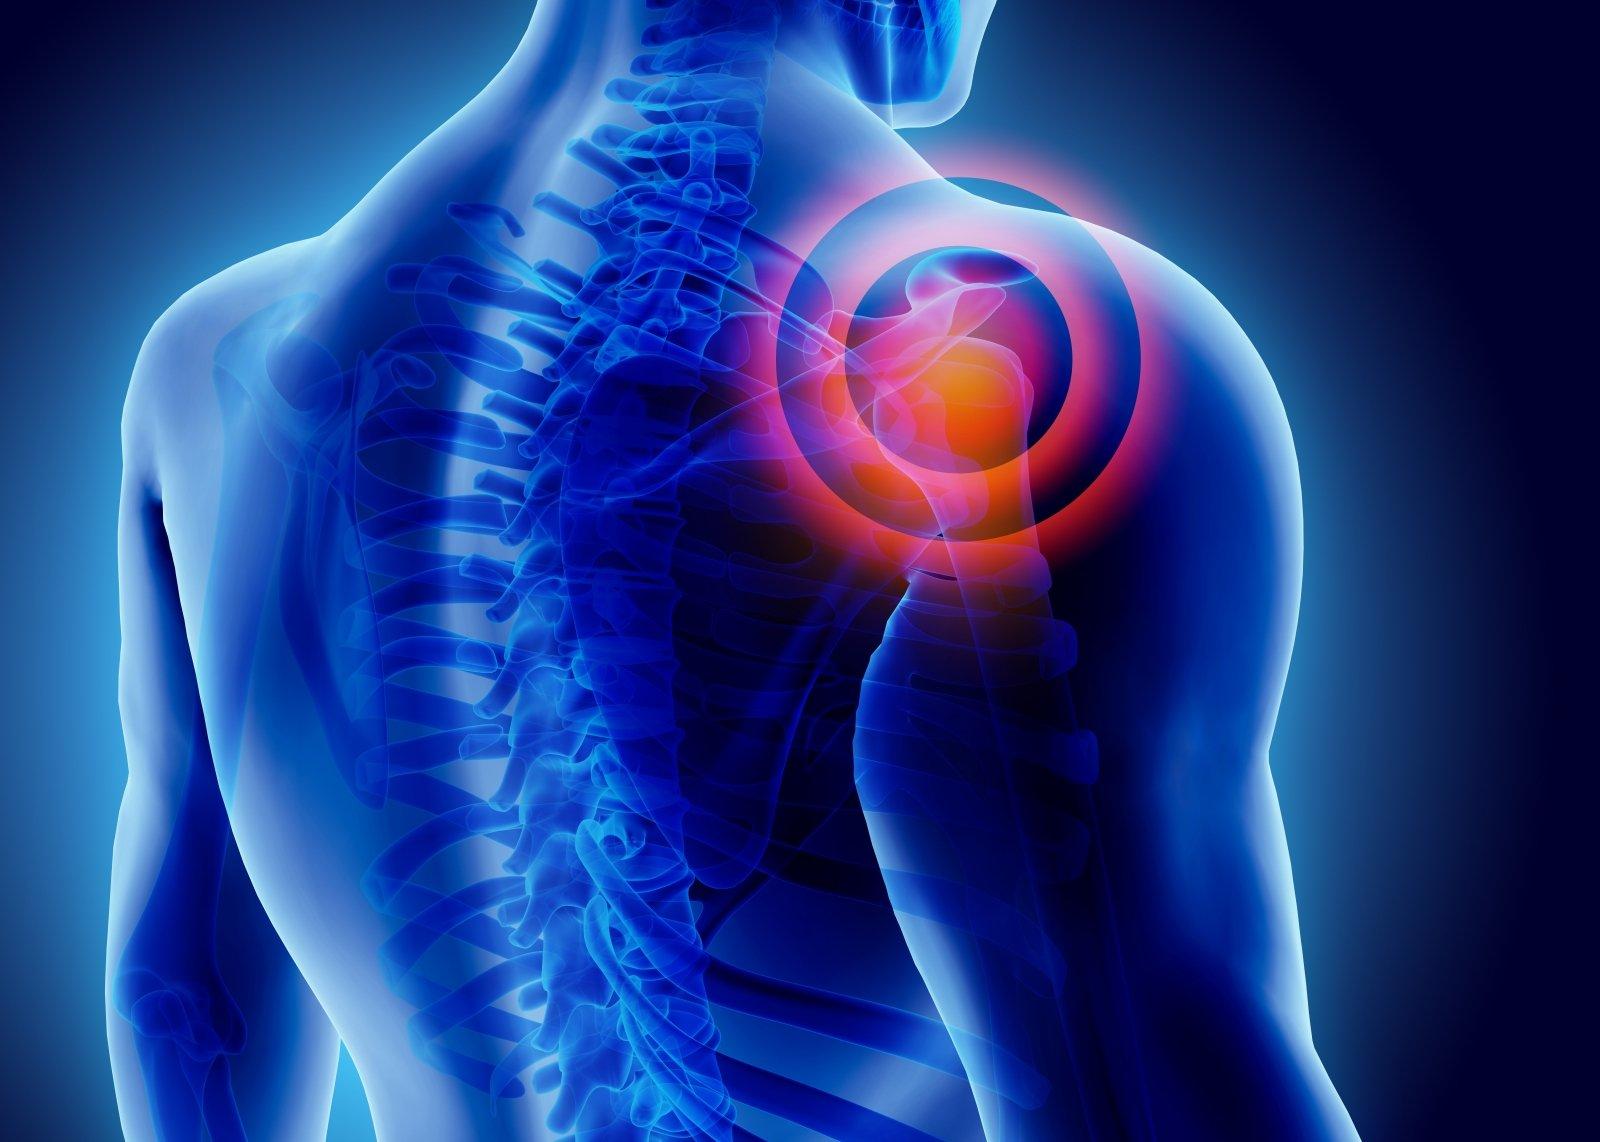 skausmas nuo iruk peties sąnarių pirstu sanariu artritas